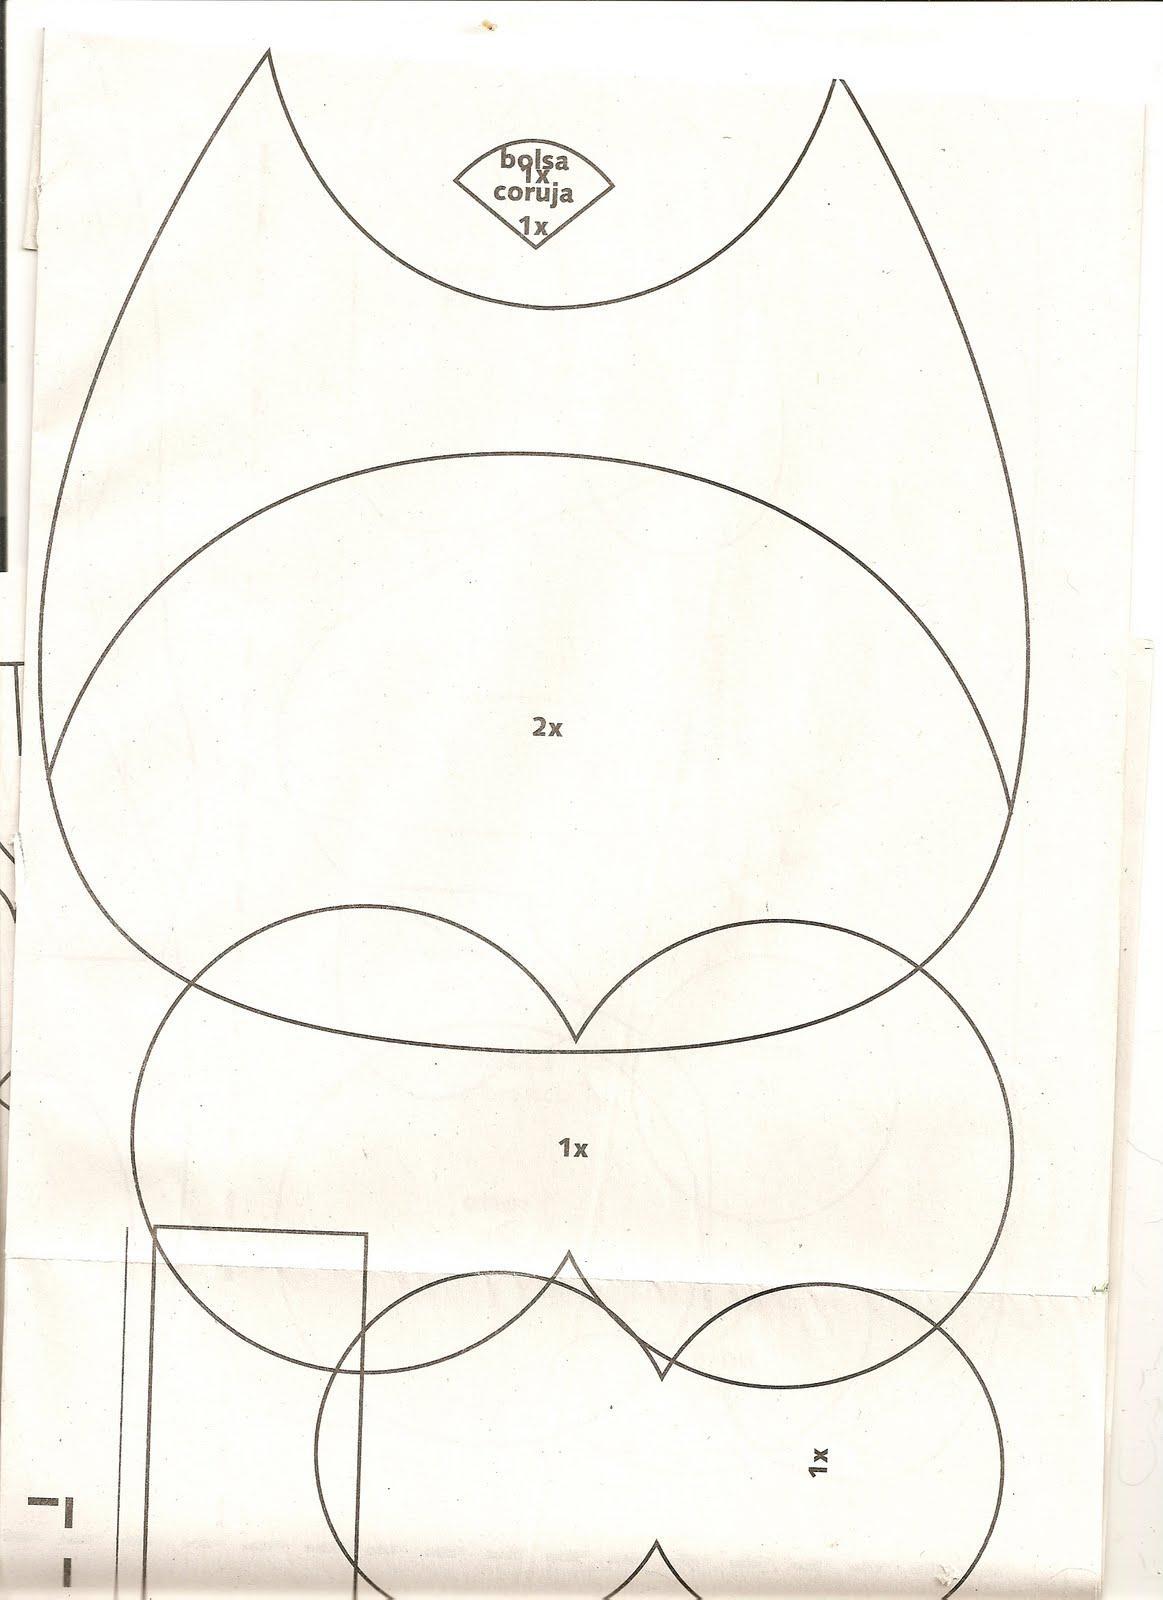 Bolsa Em Feltro Molde : Moldes para artesanato em tecido bolsa de coruja com molde